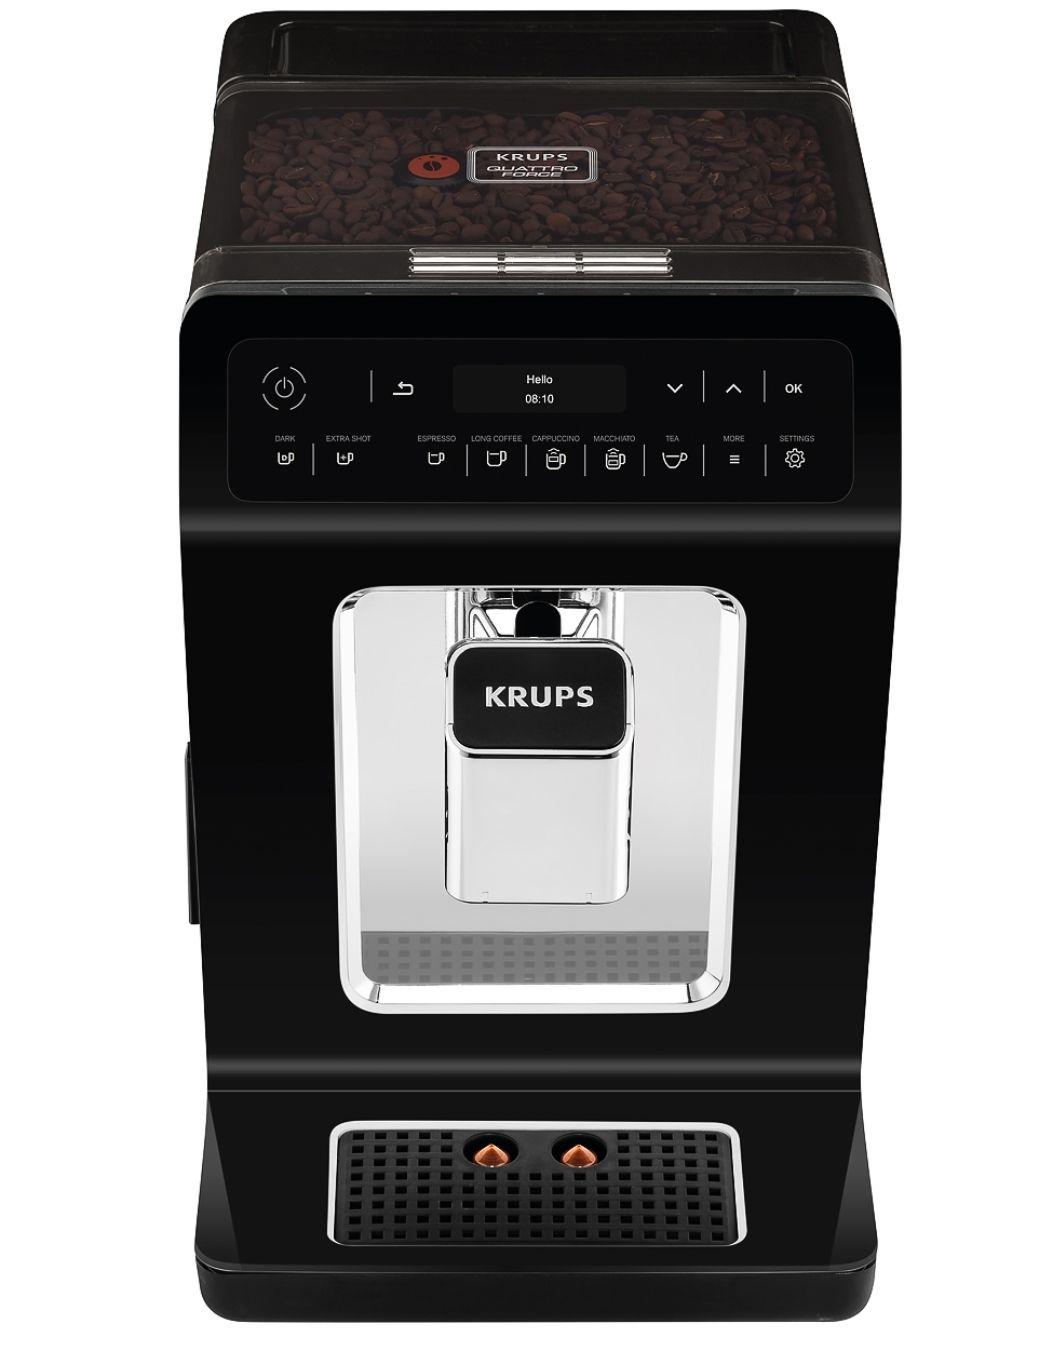 Krups Kaffee Vollautomat Evidence AE8908